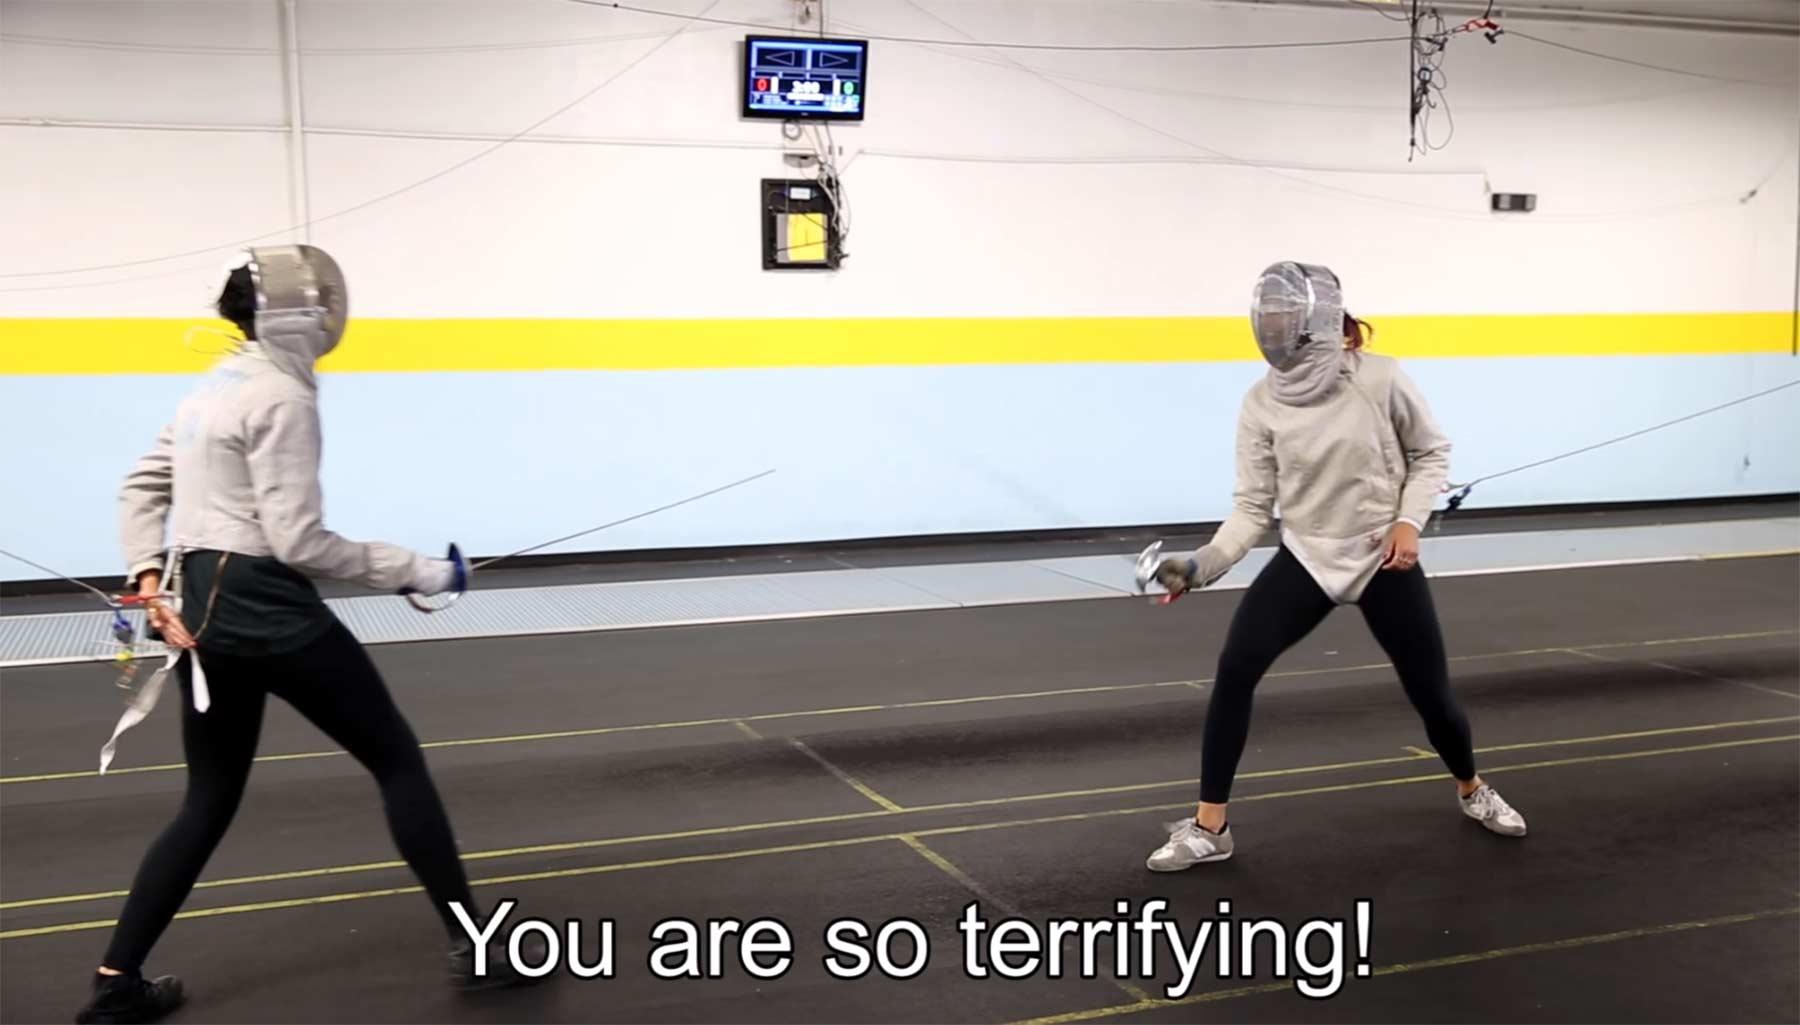 Normalos versuchen eine olympische Fechterin zu treffen